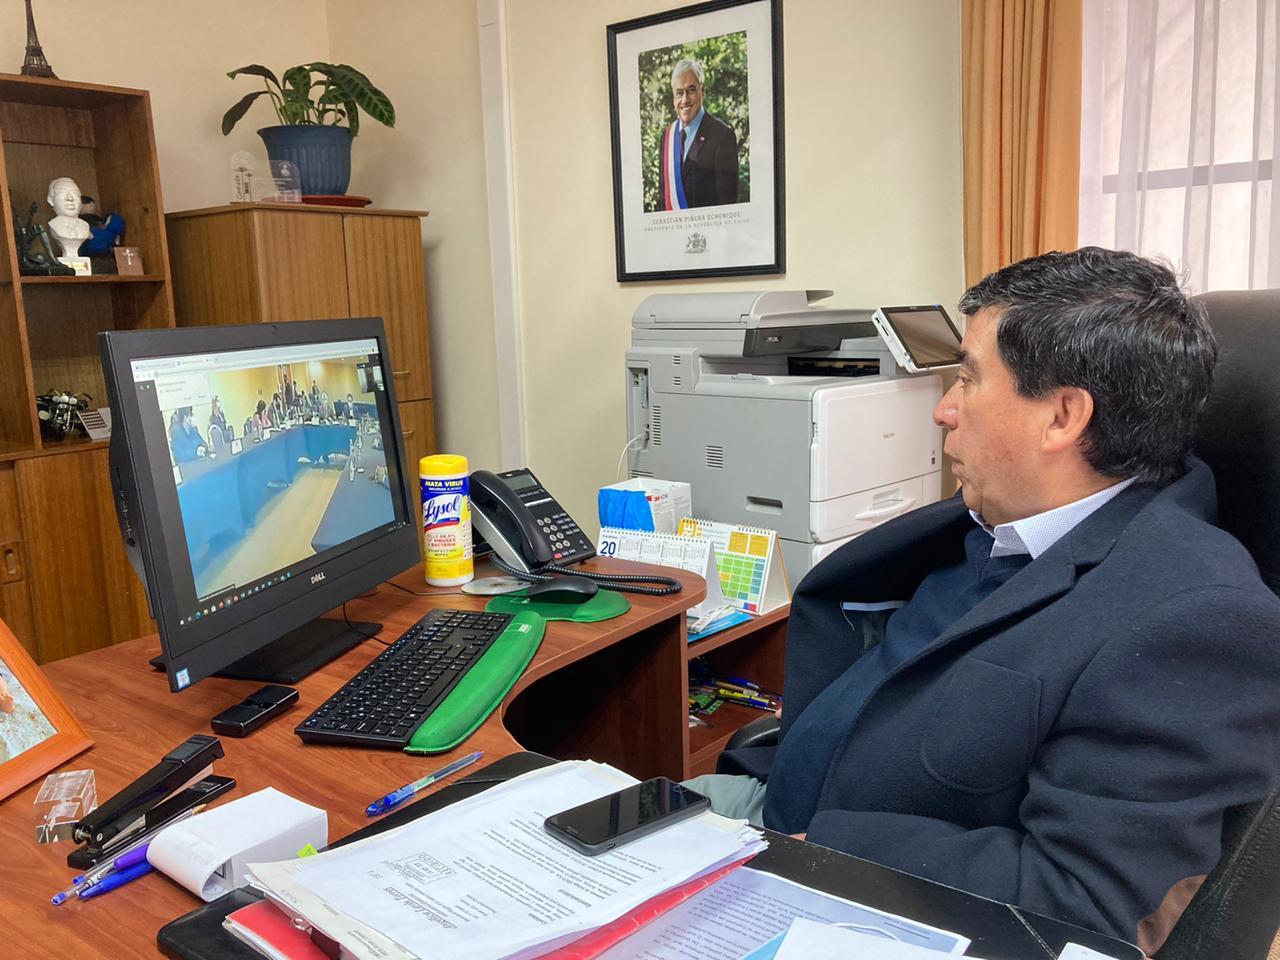 ALCALDE RADONICH PLANTEA PROYECTOS Y NECESIDADES DE LA COMUNIDAD CAÑETINA EN REUNIÓN CON EL PRESIDENTE DE LA REPÚBLICA Y AUTORIDADES DEL BIOBÍO